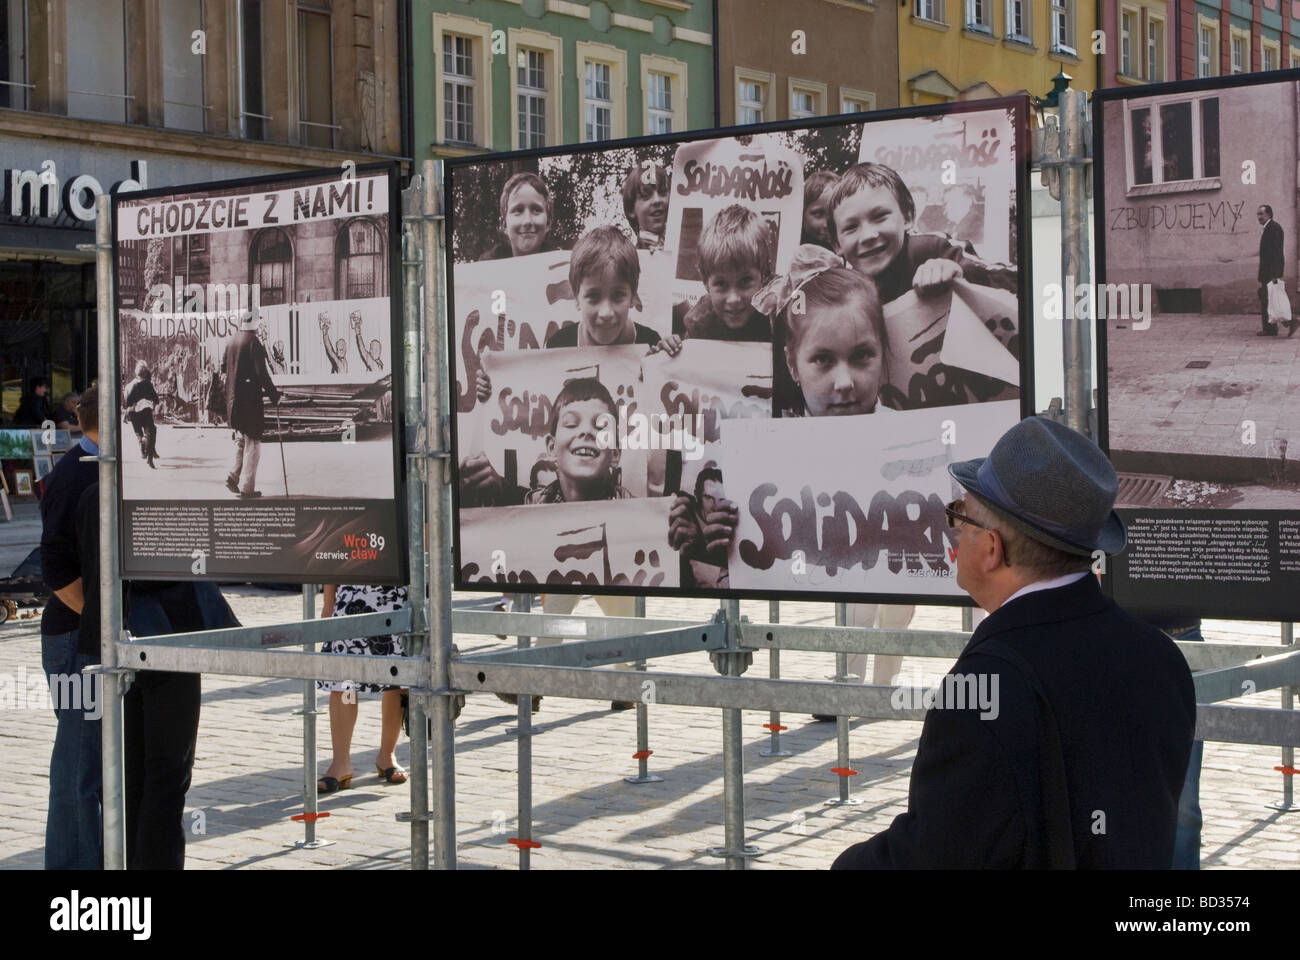 Venite con noi e segni di solidarietà nella foto storiche Wrocław Giugno 1989 il crollo del comunismo, visualizzato Immagini Stock